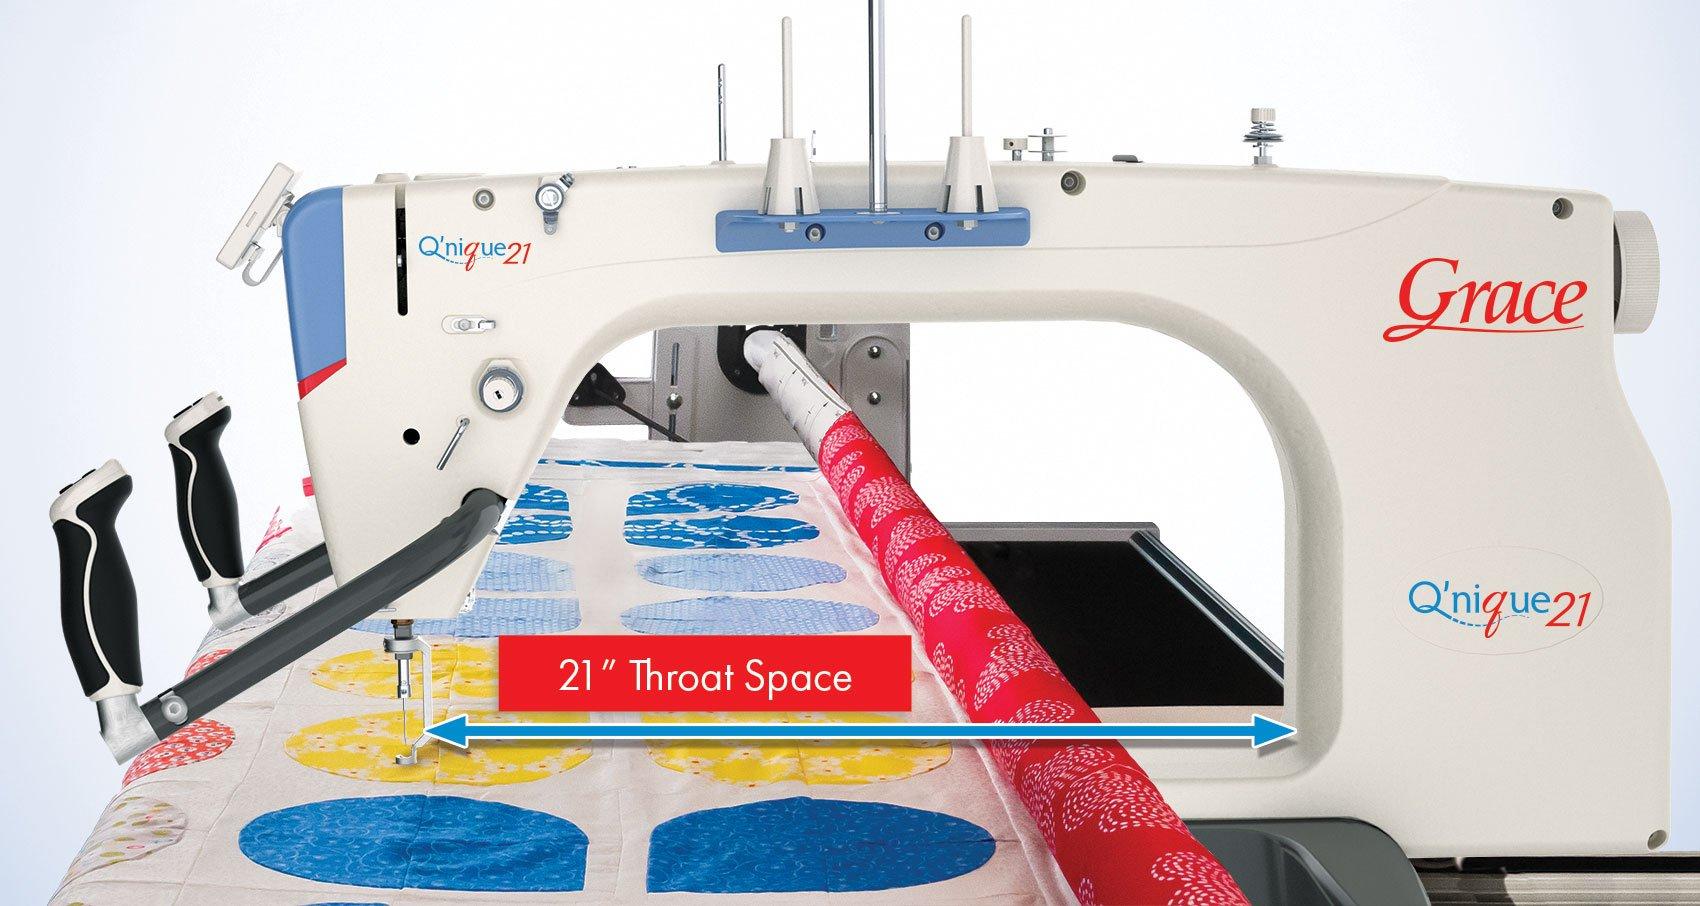 Q'nique 21 Quilting Machine